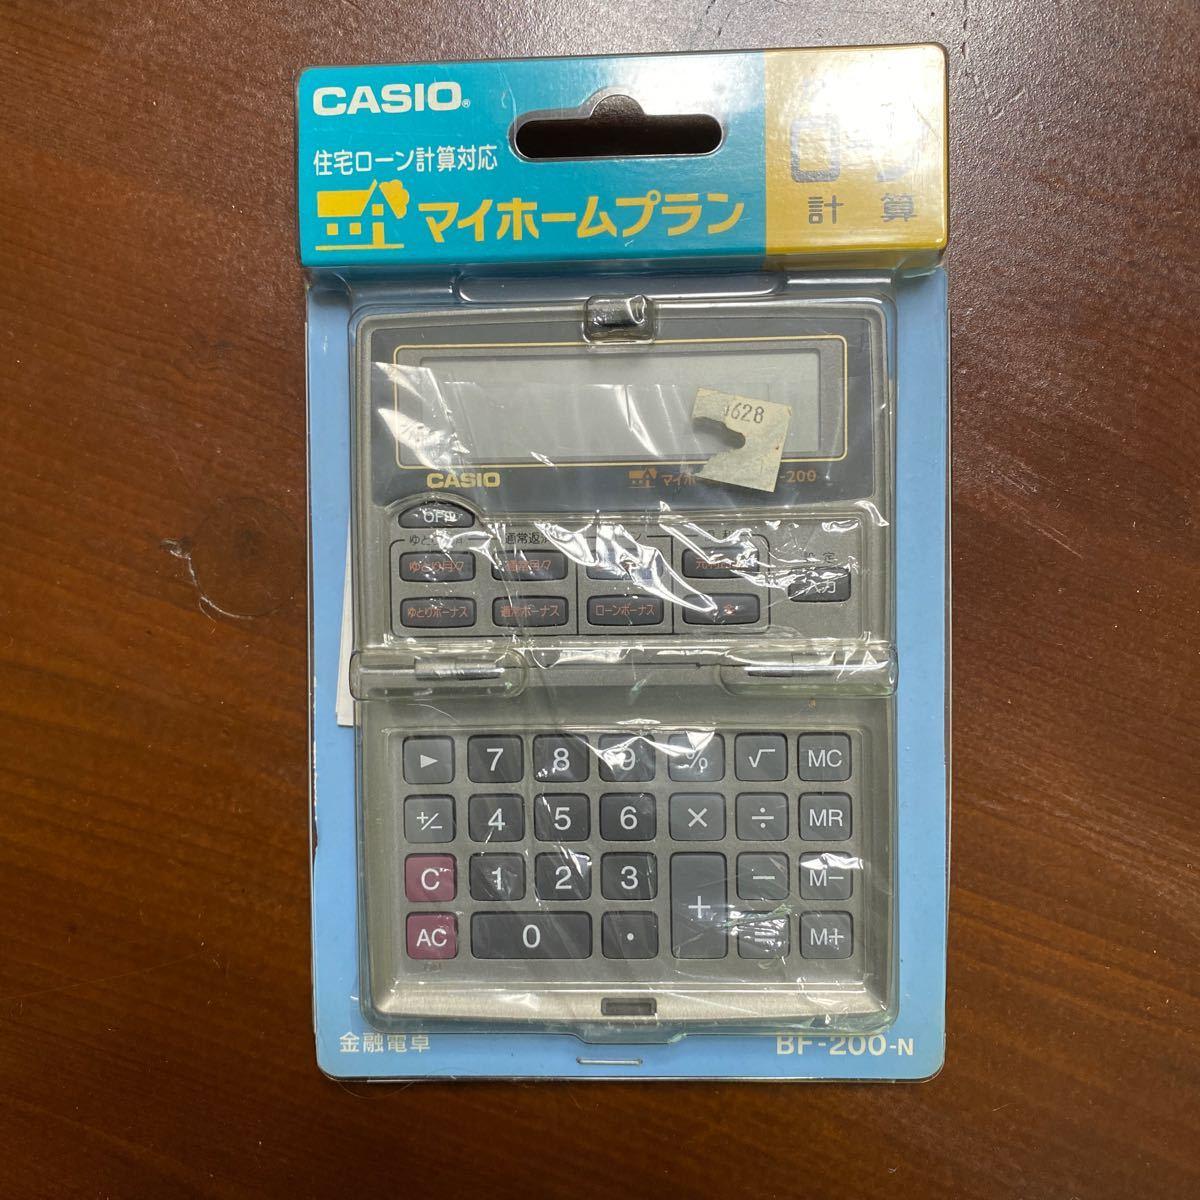 CASIO 電卓 BF-200 マイホームプラン